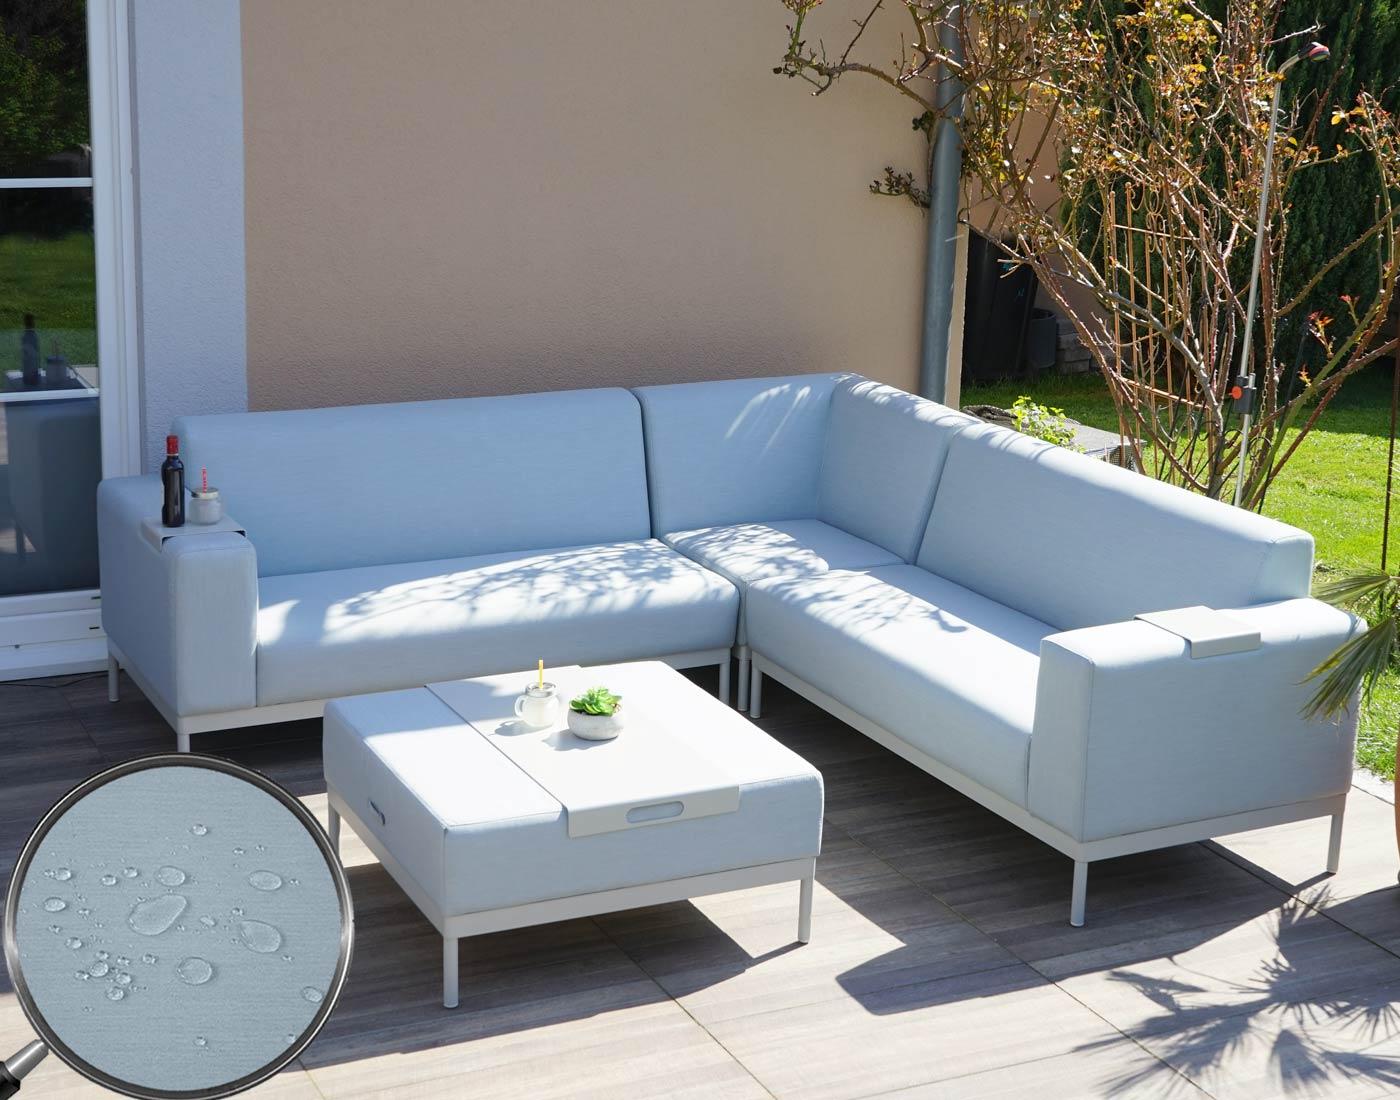 Alu garten garnitur hwc c47 sofa outdoor textil blau for Sofa ohne kissen